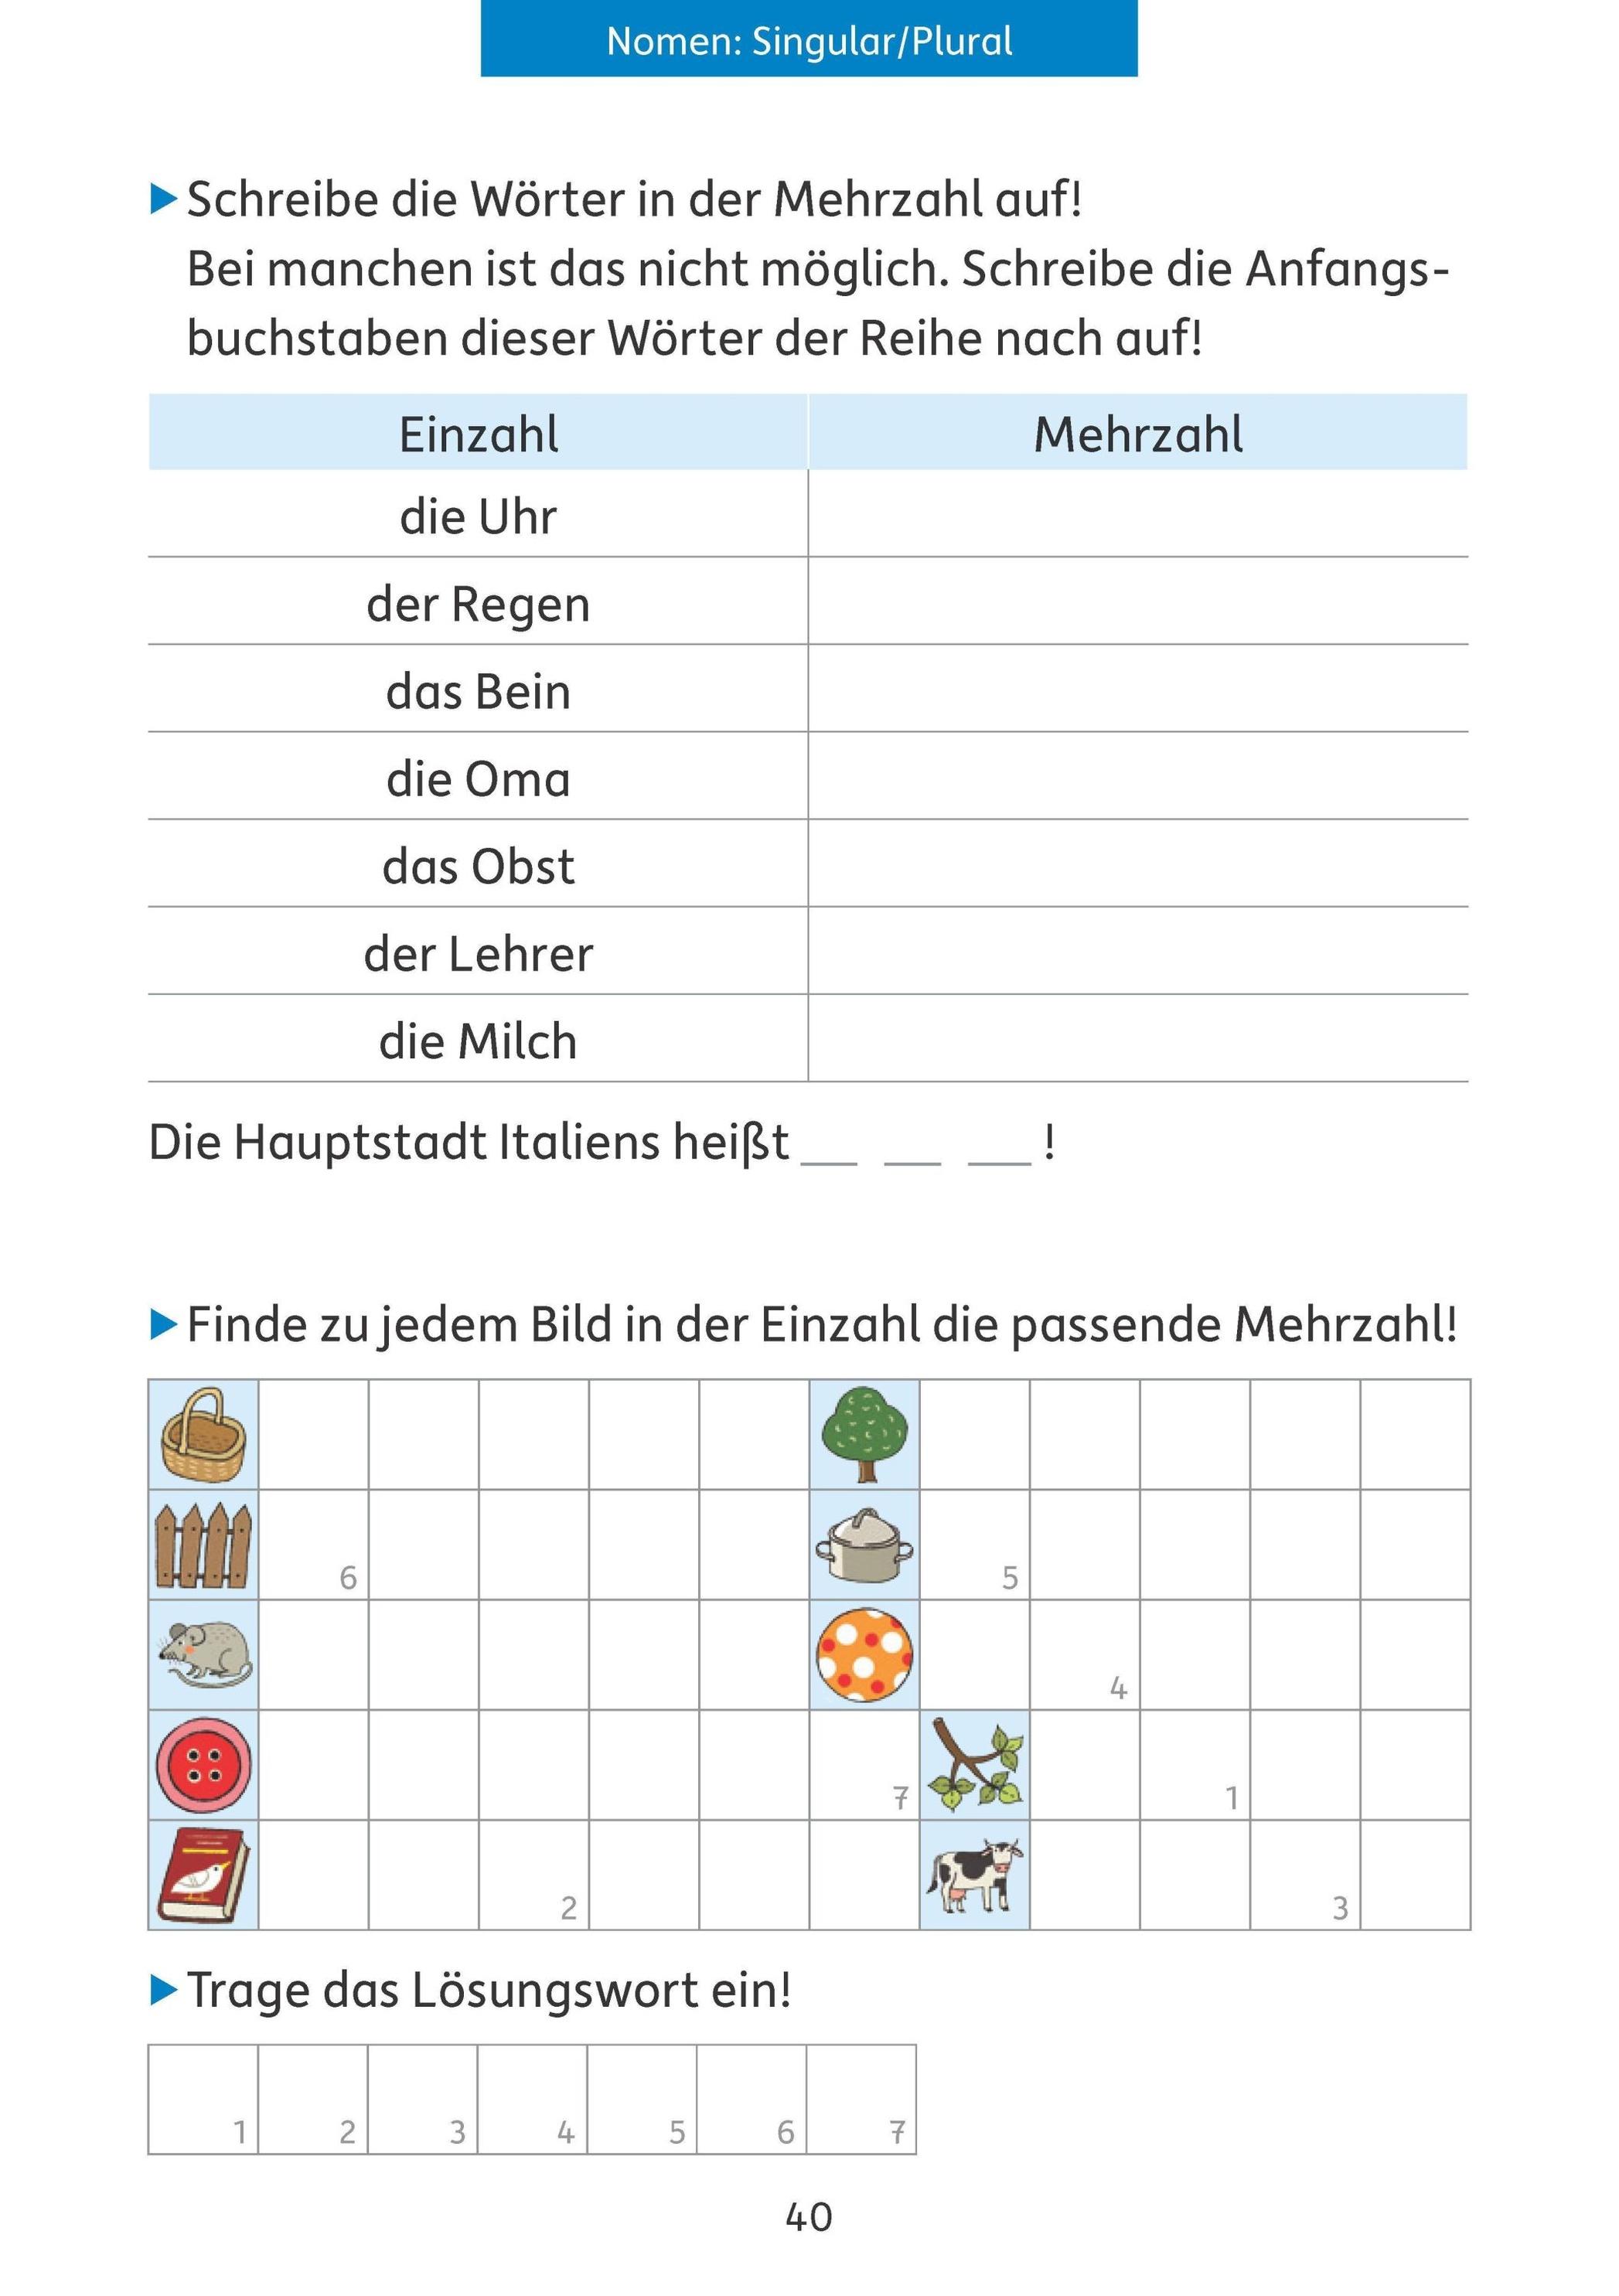 Quer durch die 3. Klasse, Mathe und Deutsch - Übungsblock